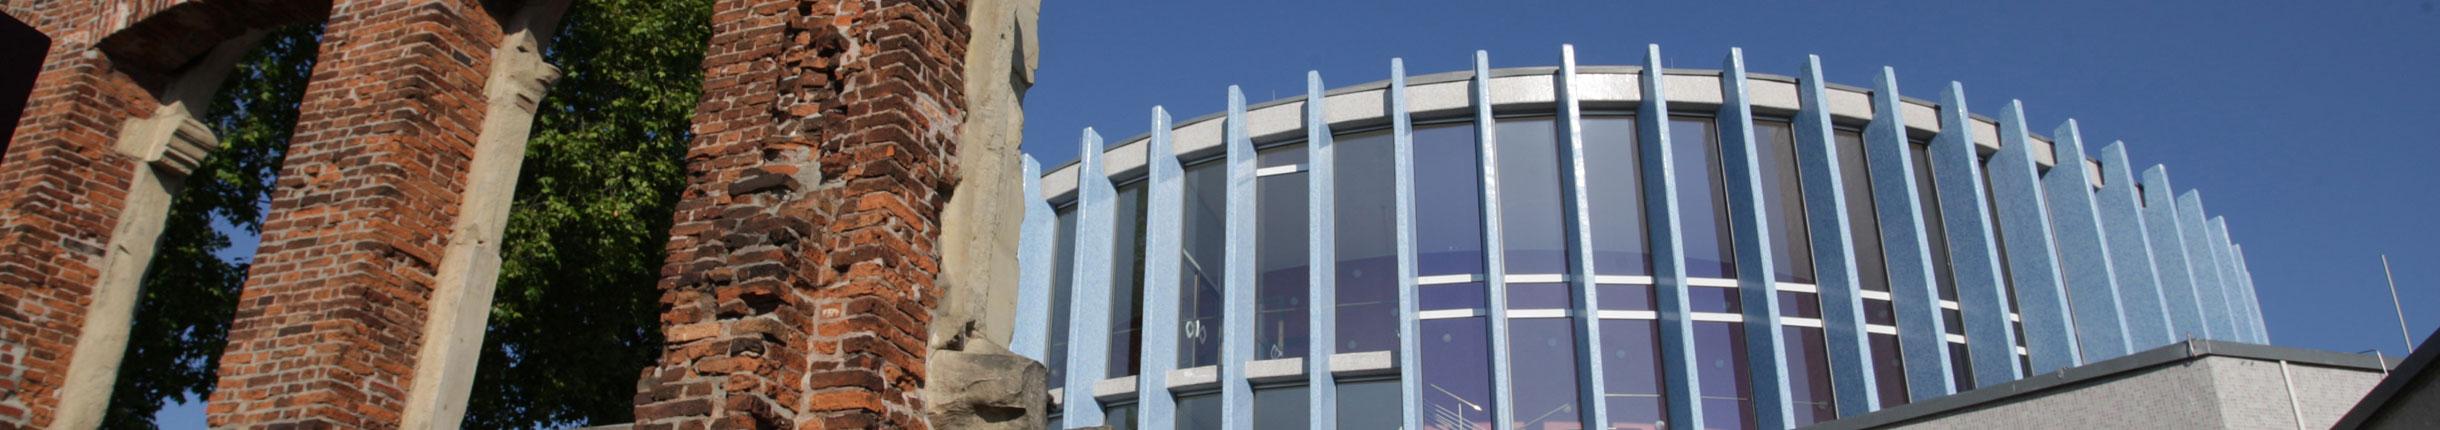 Architektur Münster stadt münster münster marketing kunst und kultur architektur